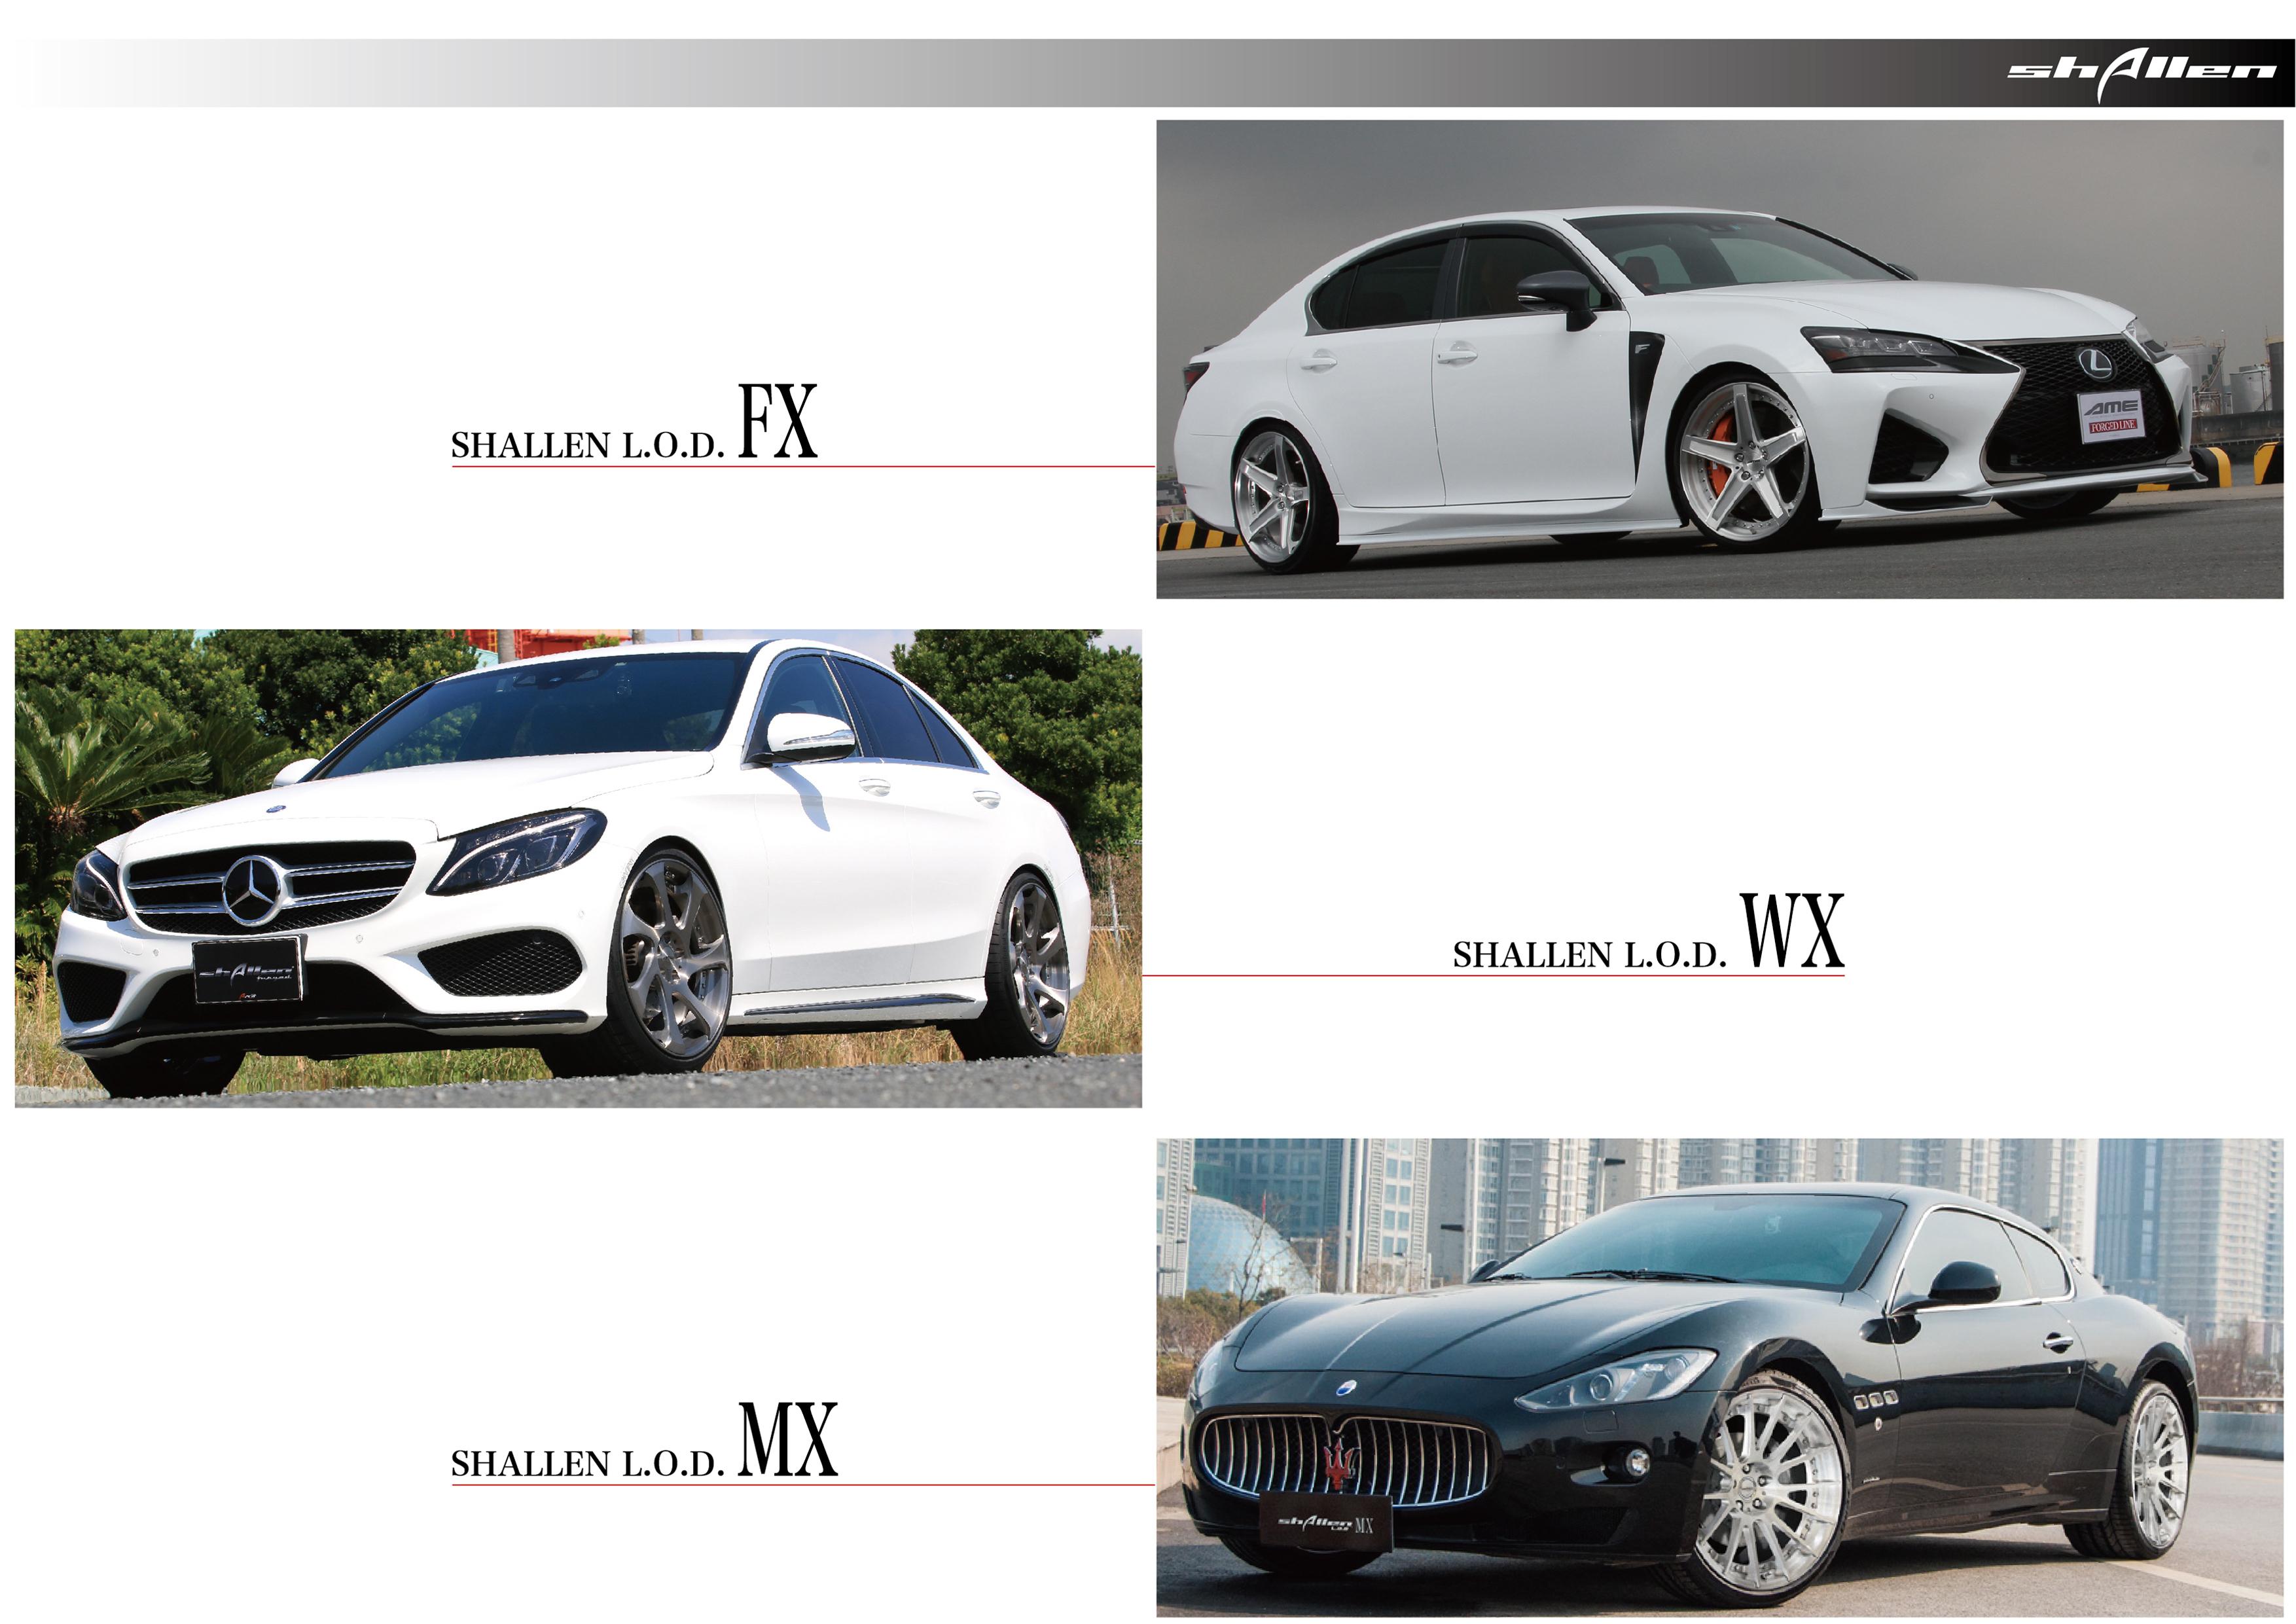 シャレンL.O.D.待望の22インチ追加です。 - shallen L.O.D, AME Premium Shop, AME Wheels, AME, Alloy wheels